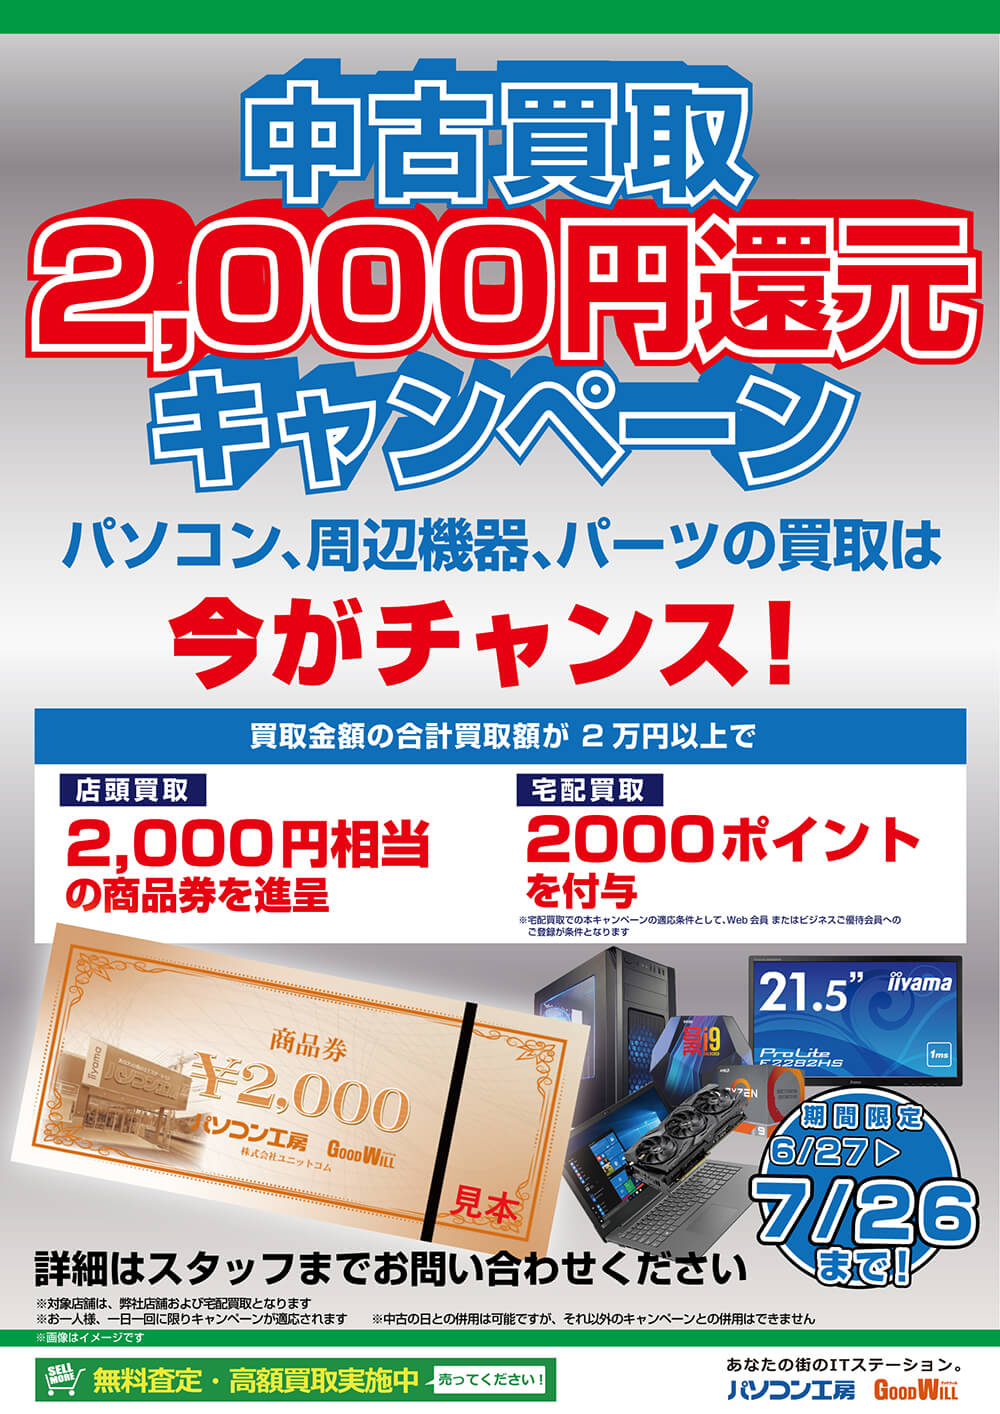 中古買取2,000円還元キャンペーン